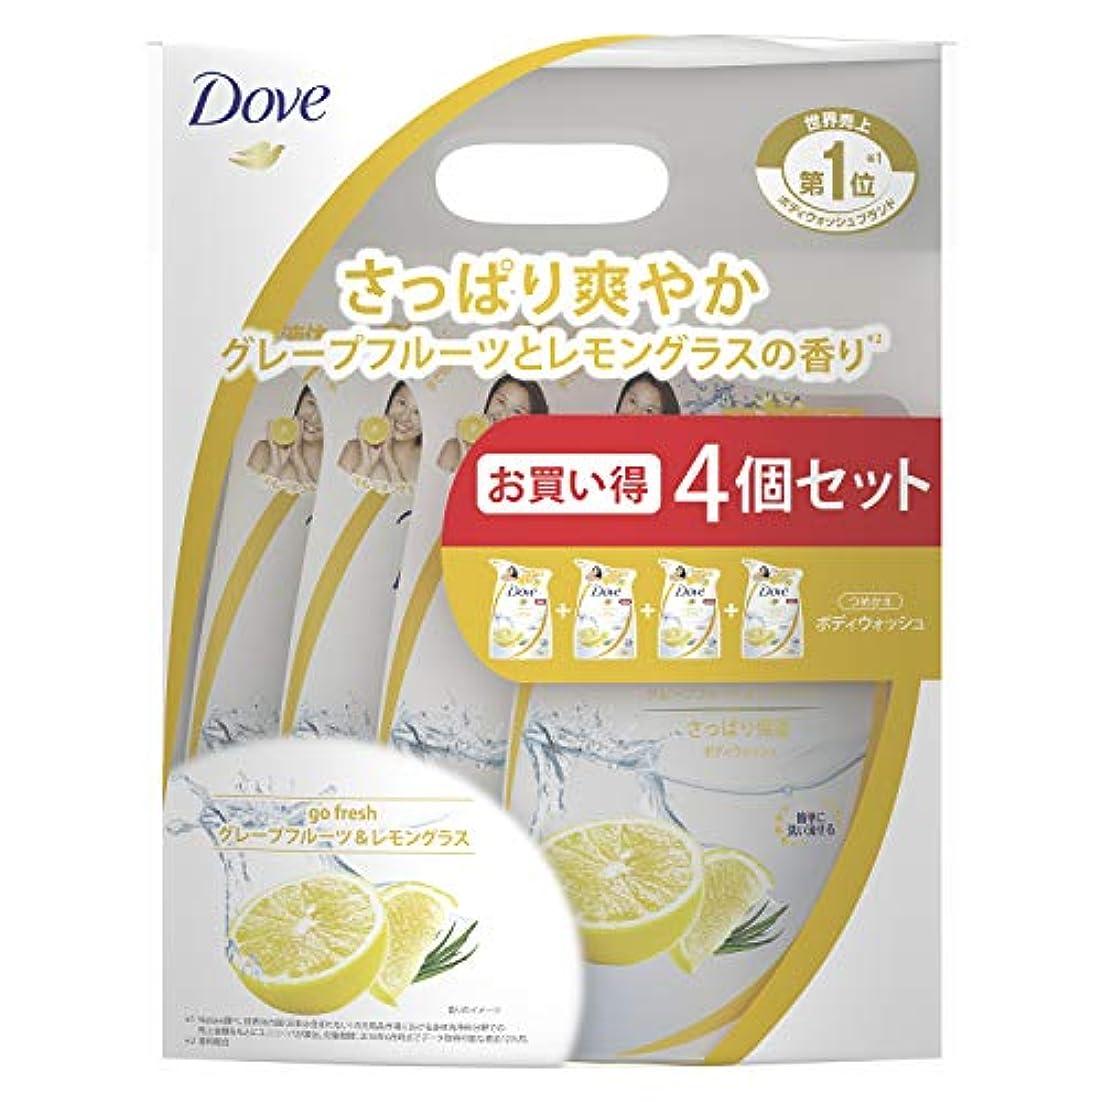 スイング欠如ウナギDove(ダヴ) ダヴ ボディウォッシュ グレープフルーツ&レモングラス つめかえ用 4個セット ボディソープ 詰替え 360g×4個